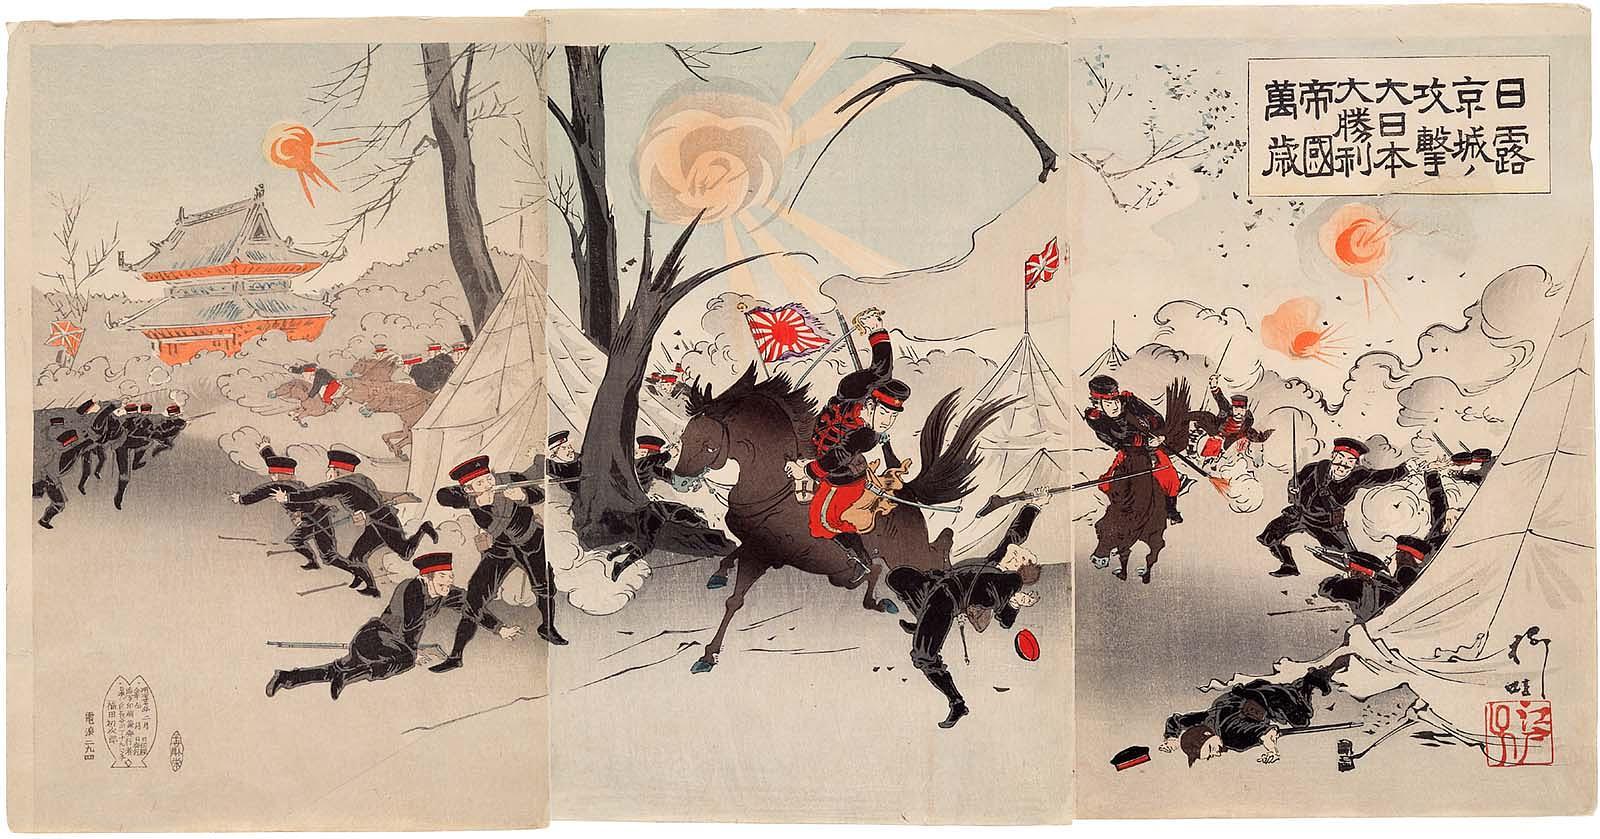 1904. В битве между Японией и Россией в Сеуле Япония одерживает великую победу - ура во славу Империи!